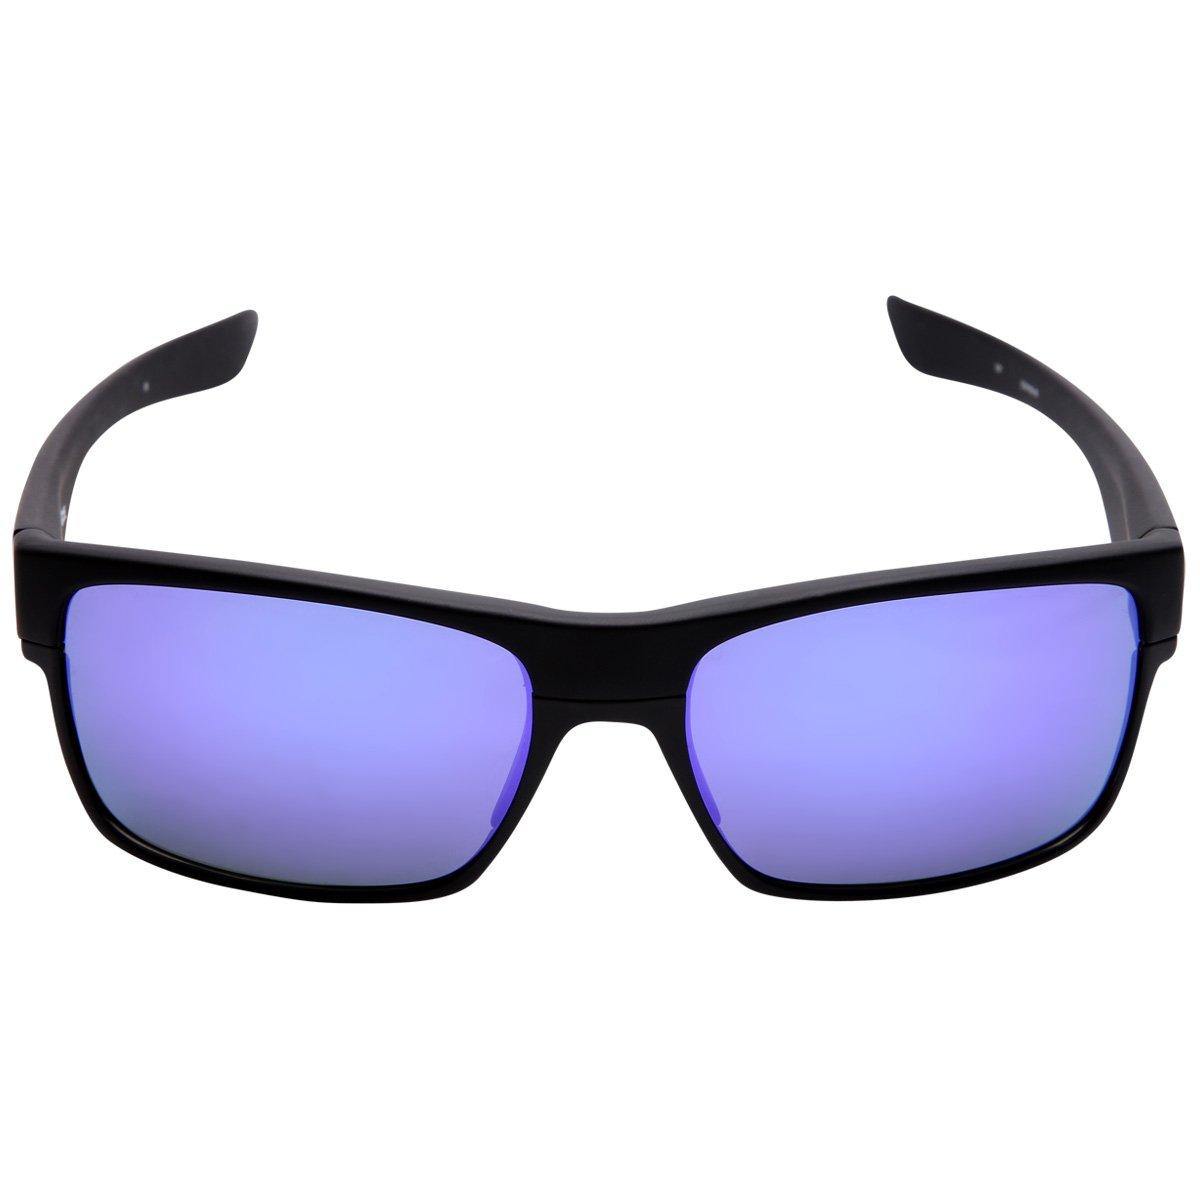 aefa36cca36fe Óculos Oakley Twoface - Iridium - Compre Agora   Netshoes